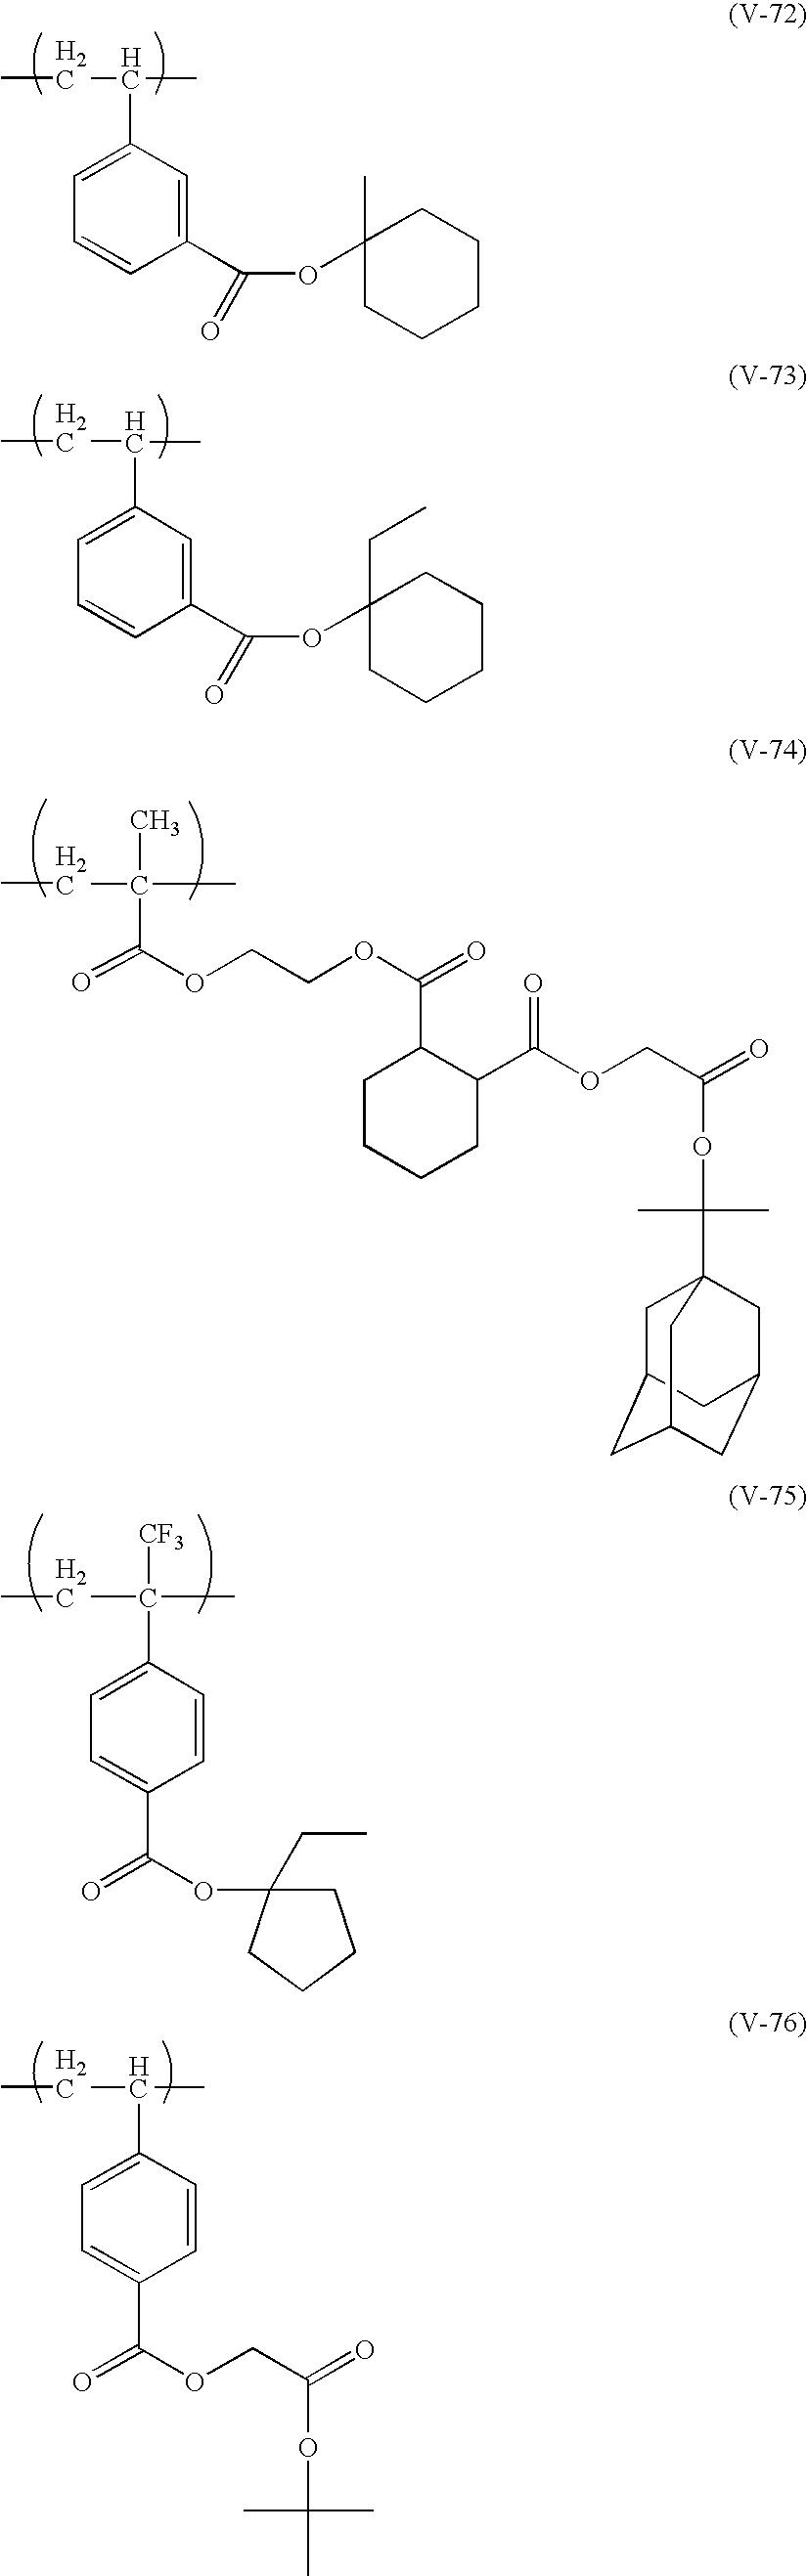 Figure US20100183975A1-20100722-C00120